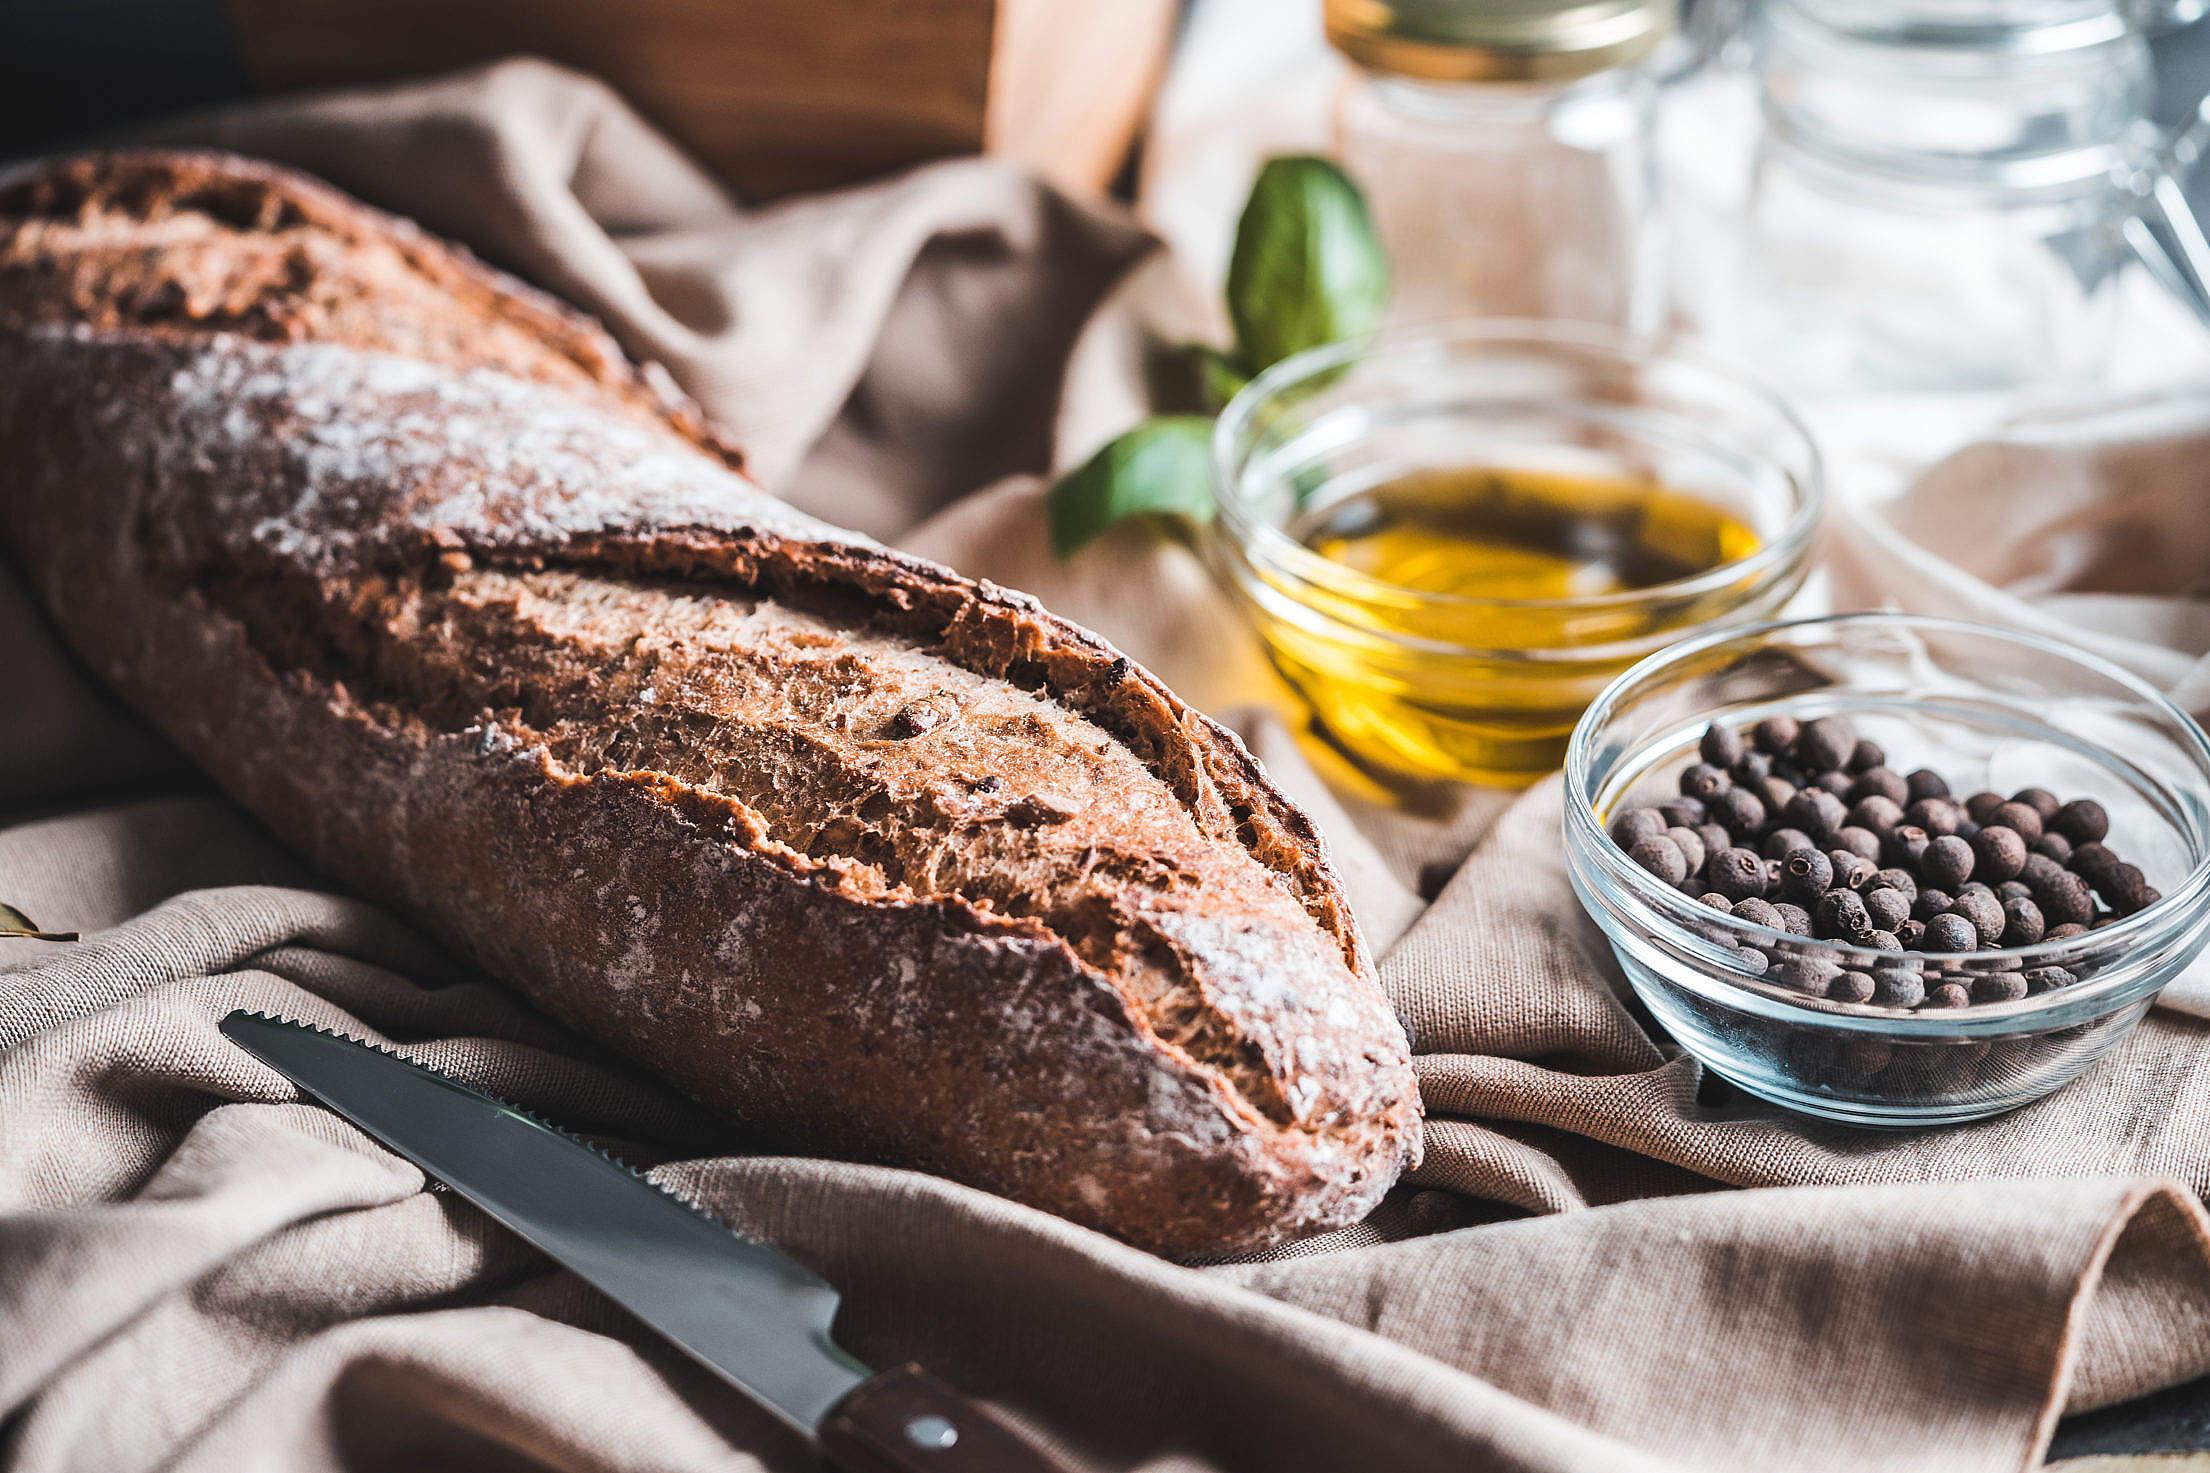 Homemade Bread Free Stock Photo